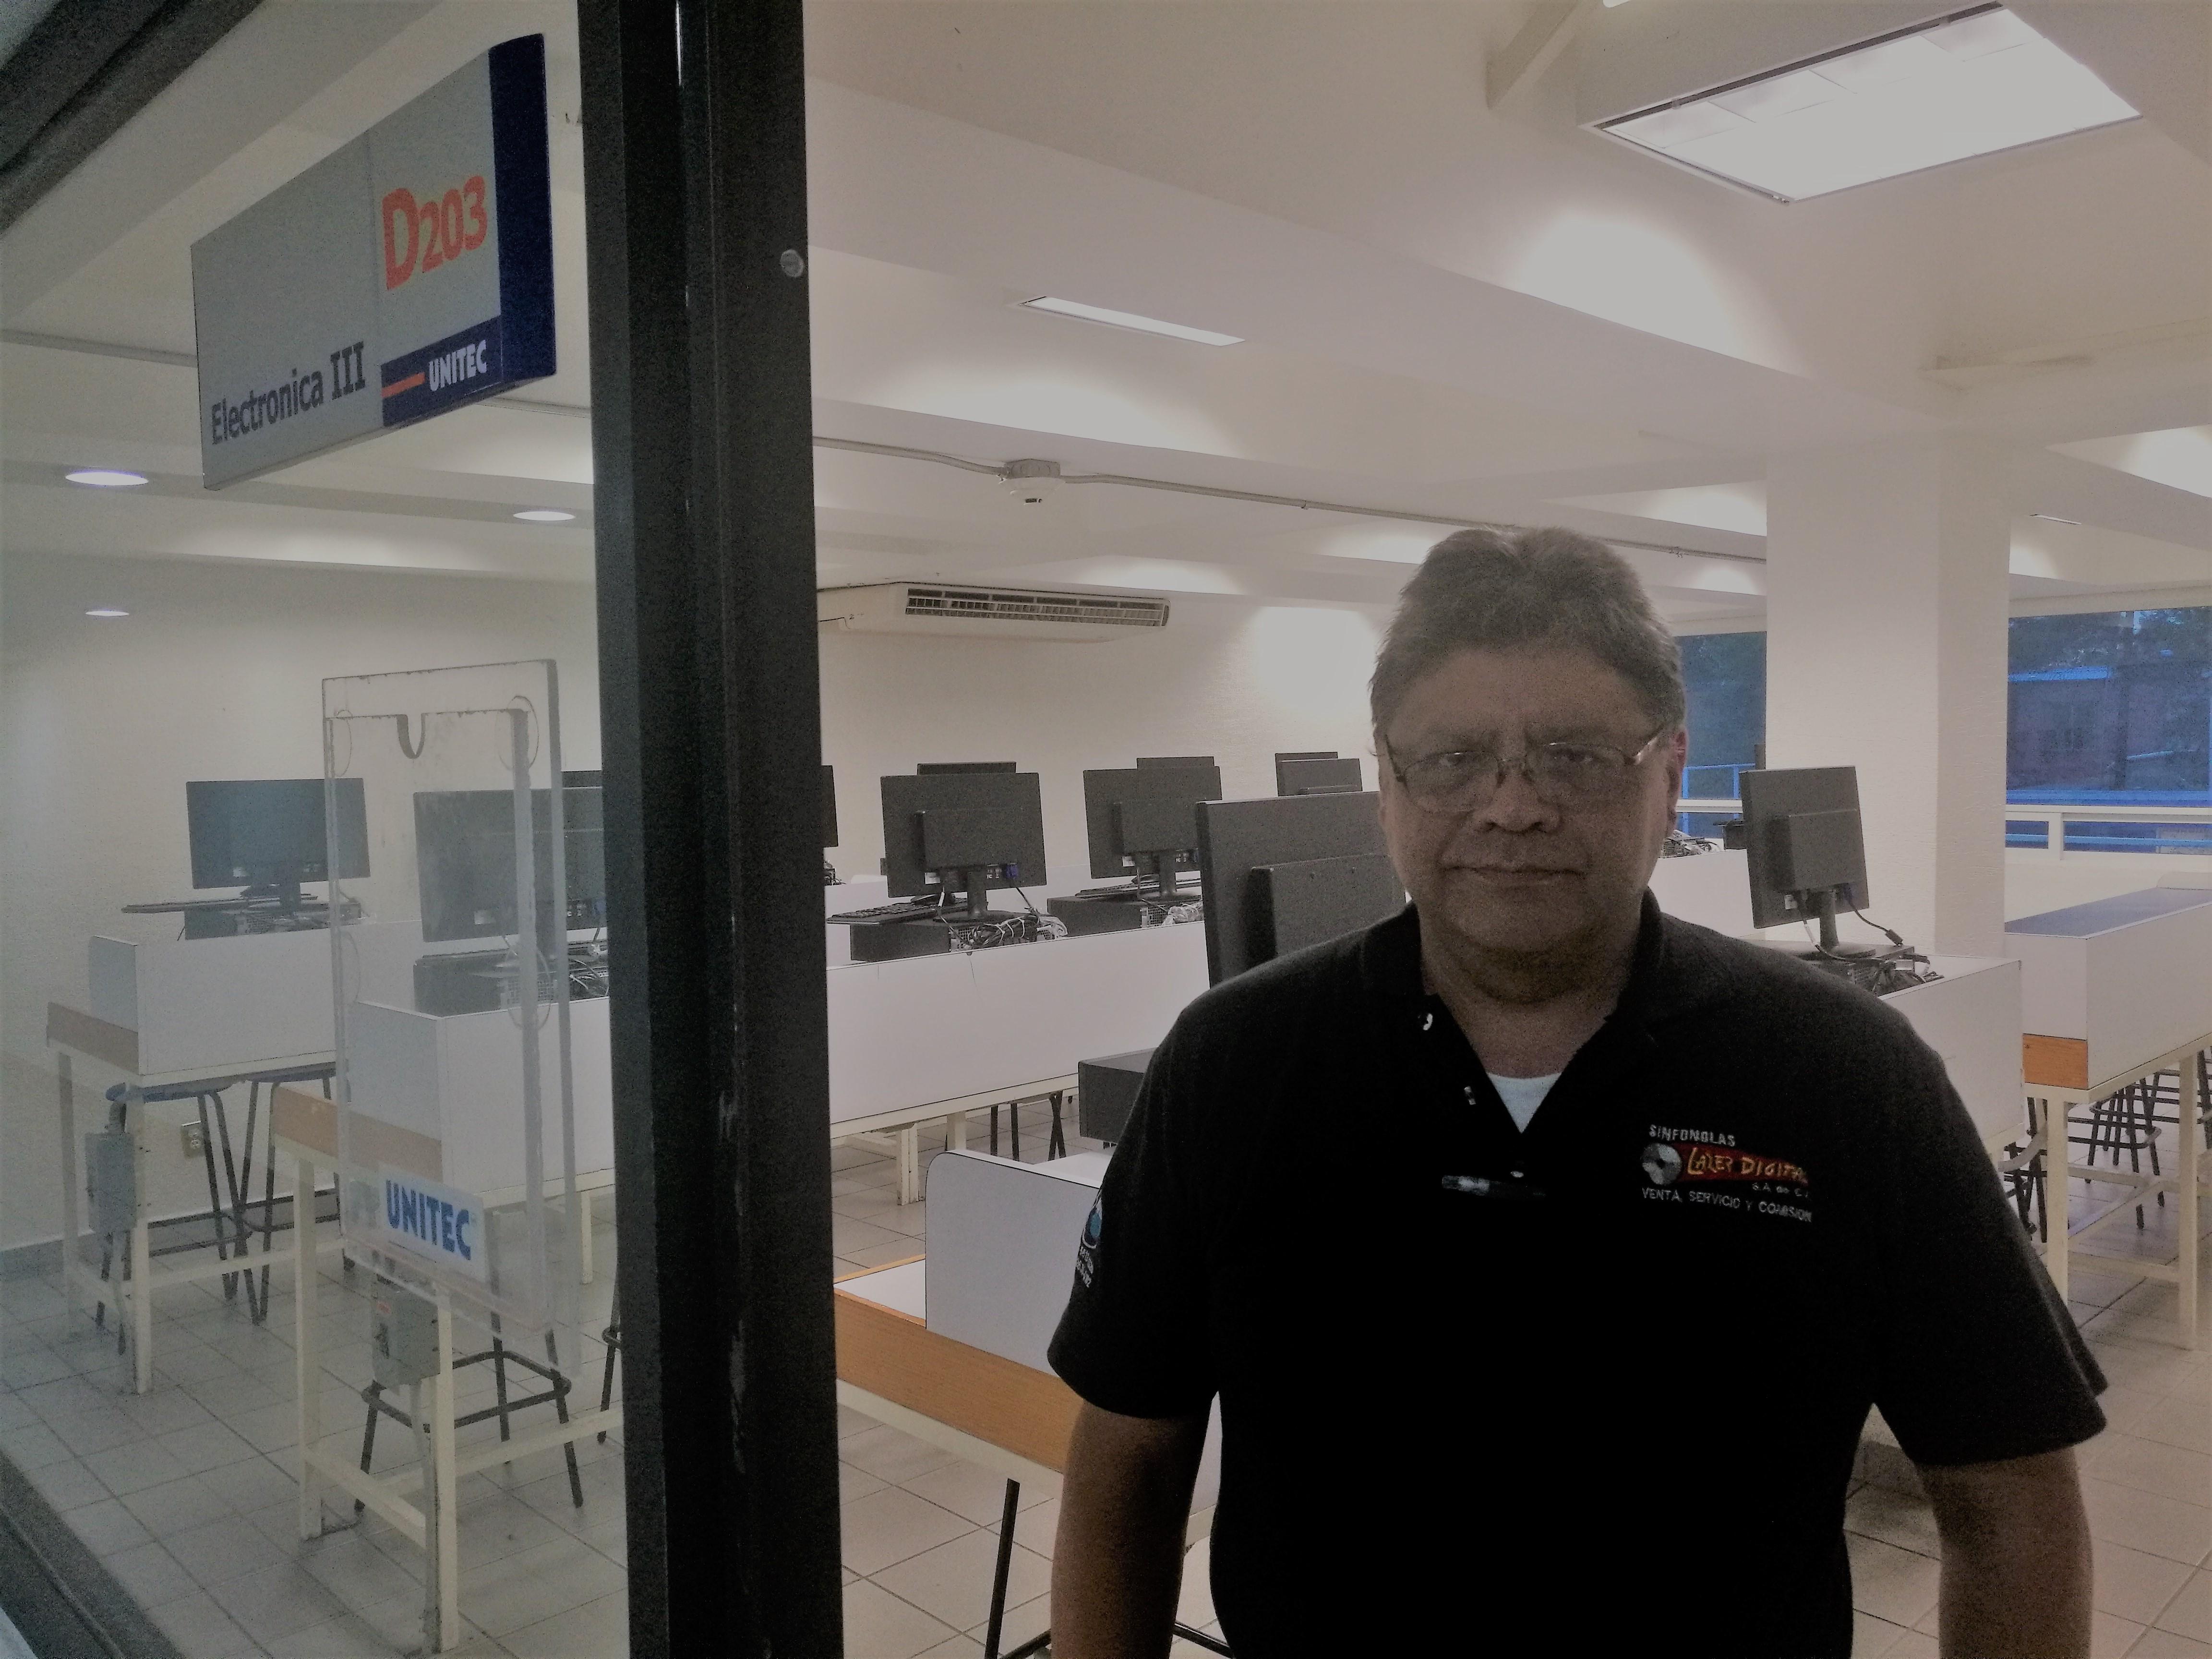 Profesores UNITEC: Froylan Jurado, orgullosamente Ingeniero UNITEC - Featured Image